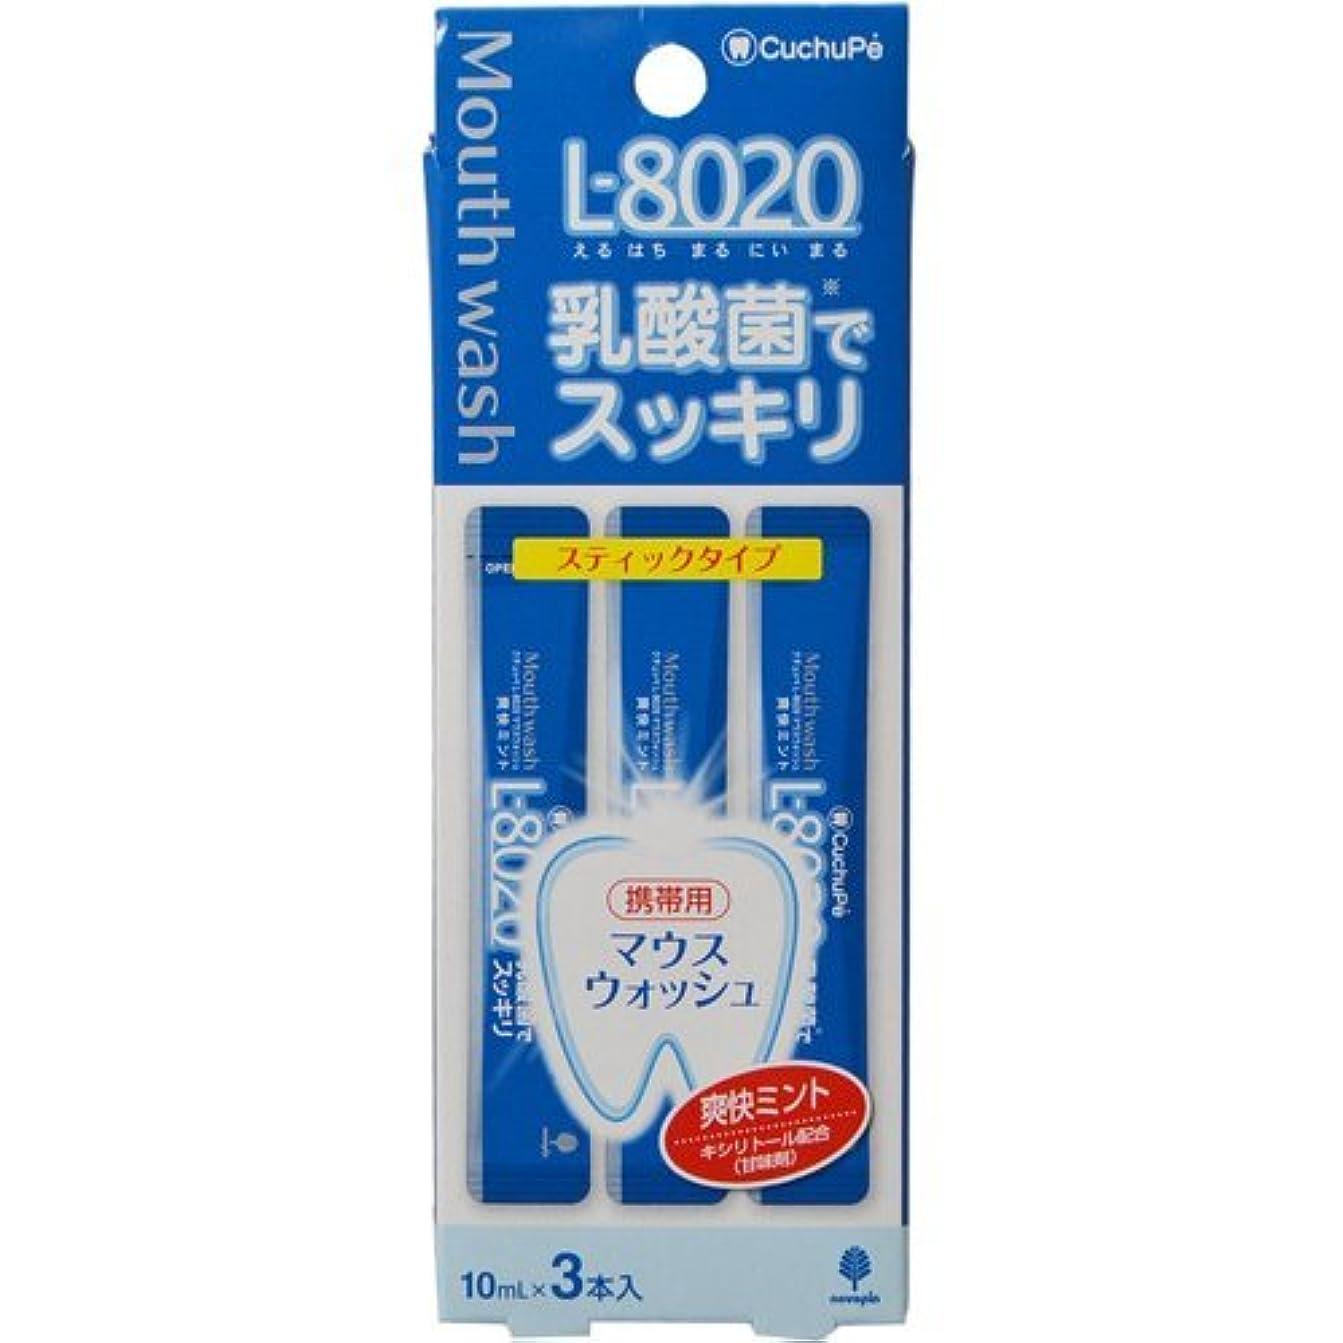 衣類南西ルーチンクチュッペL-8020爽快ミントスティックタイプ3本入(アルコール) 【まとめ買い10個セット】 K-7045